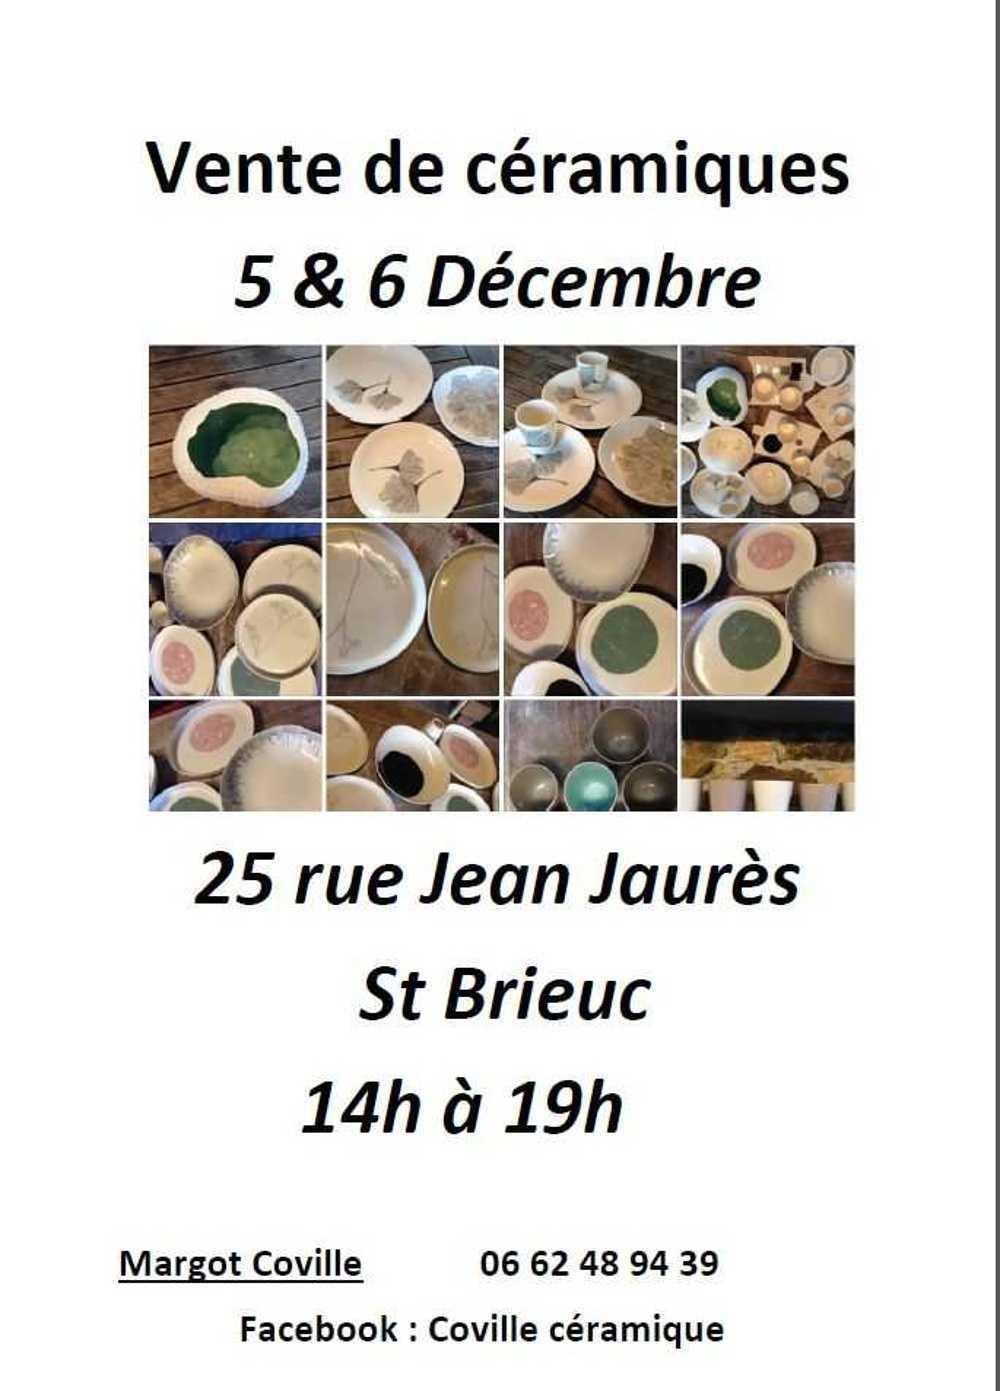 Vente de céramiques 5 et 6 décembre clipboard-2